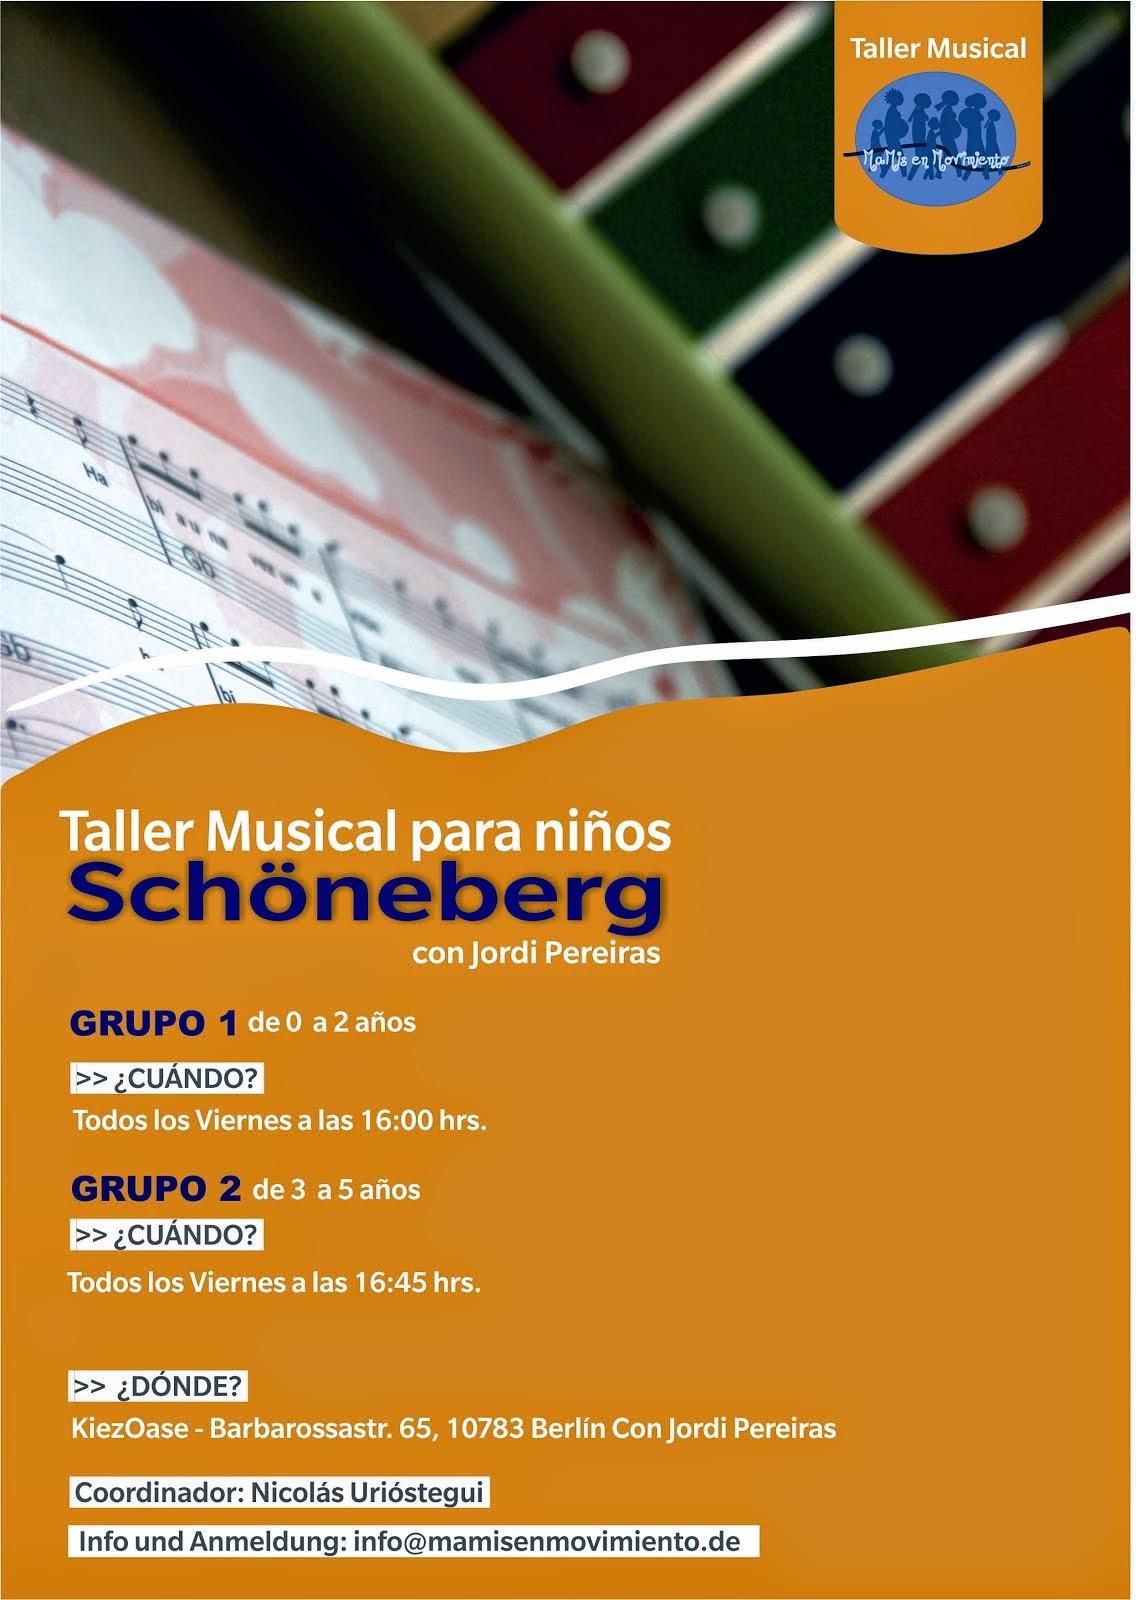 Música en Schöneberg - KiezOAse en Schöneberg - 16:00-18:00 Uhr